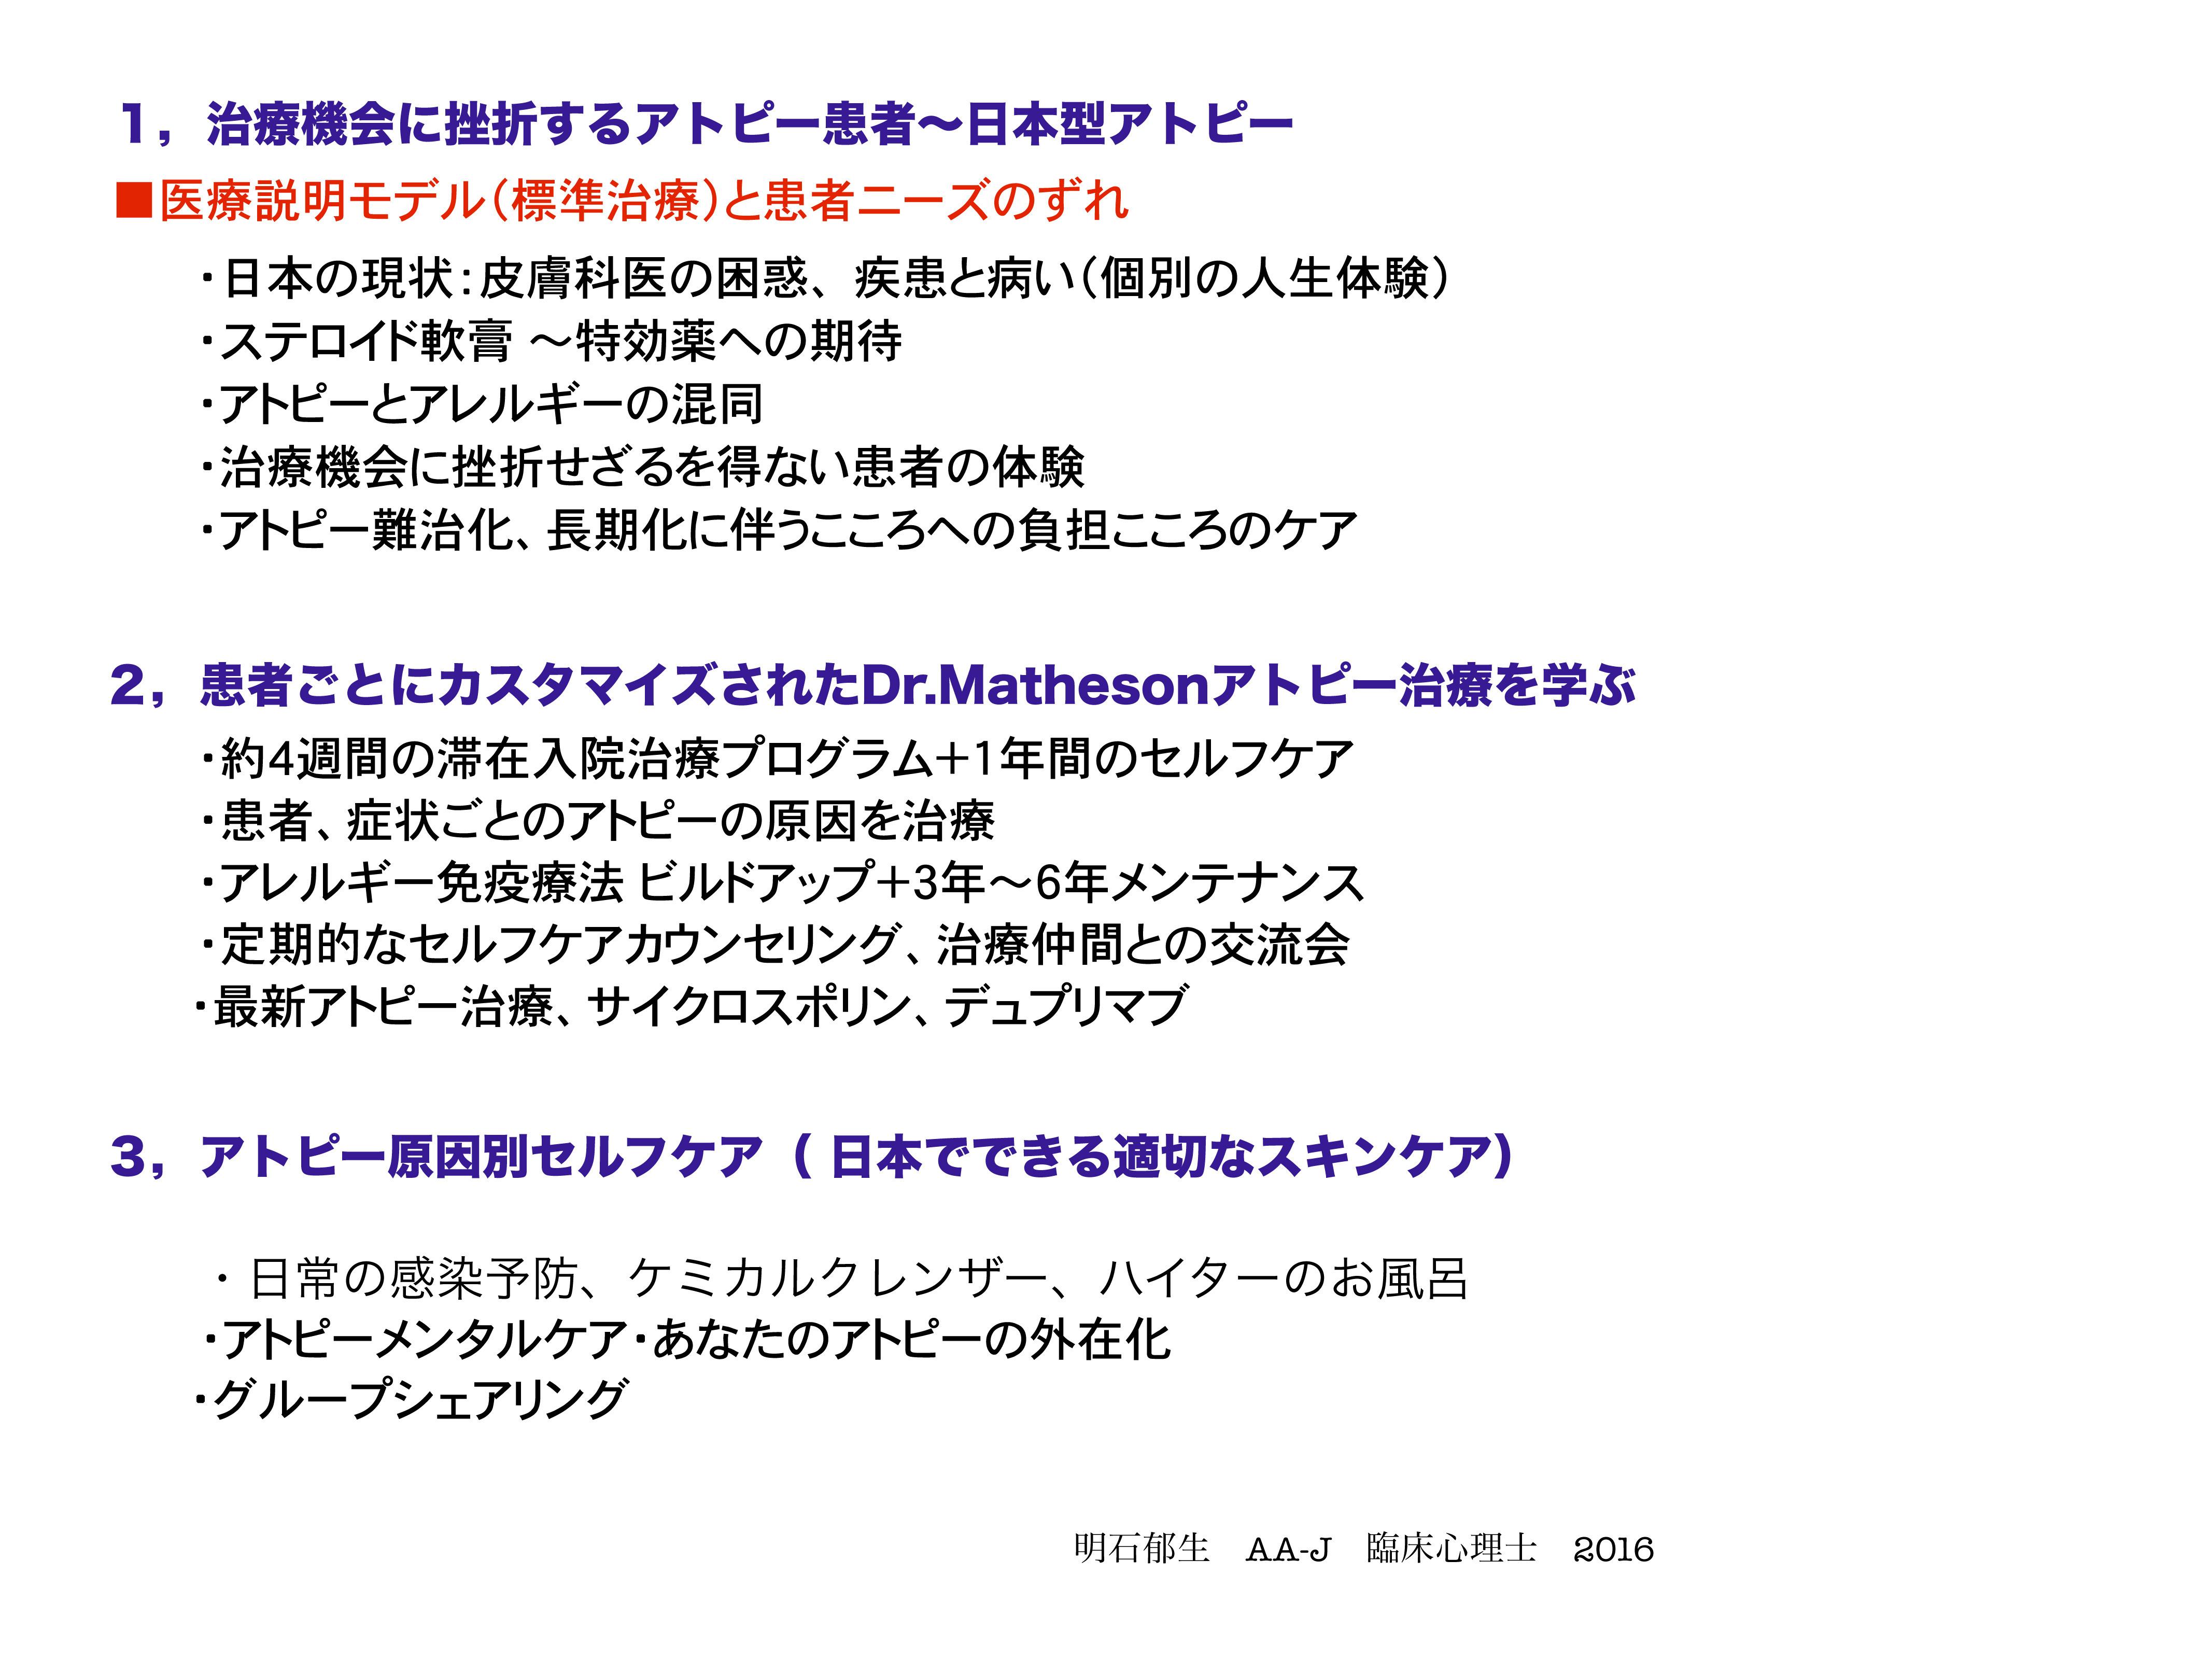 アトピースカイプ.jpg